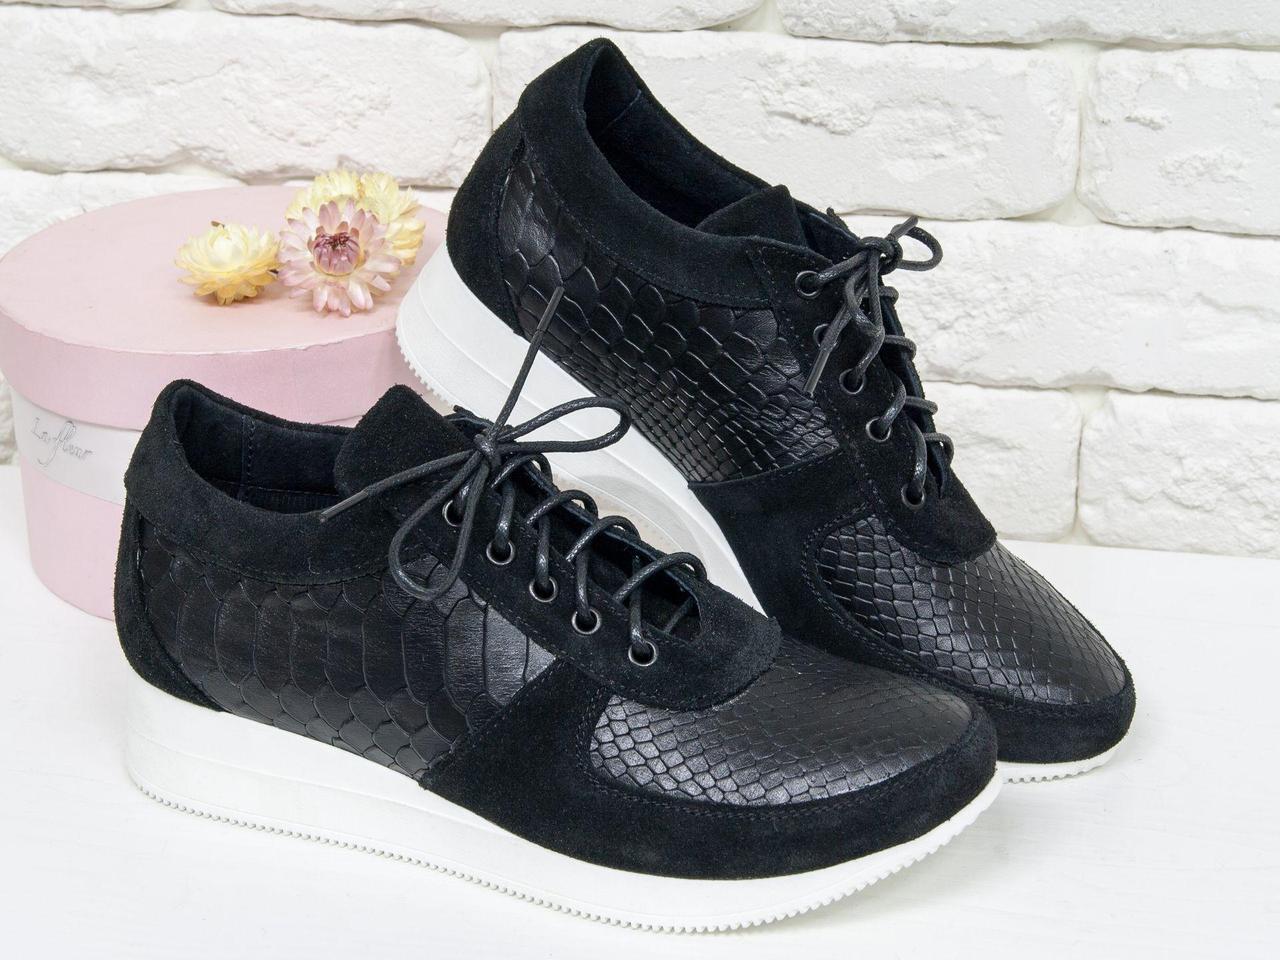 Шикарные кроссовки из натуральной кожи с текстурой питон и замши черного цвета на яркой белой подошве, Эксклюзивная Коллекция 2018 от Снежаны